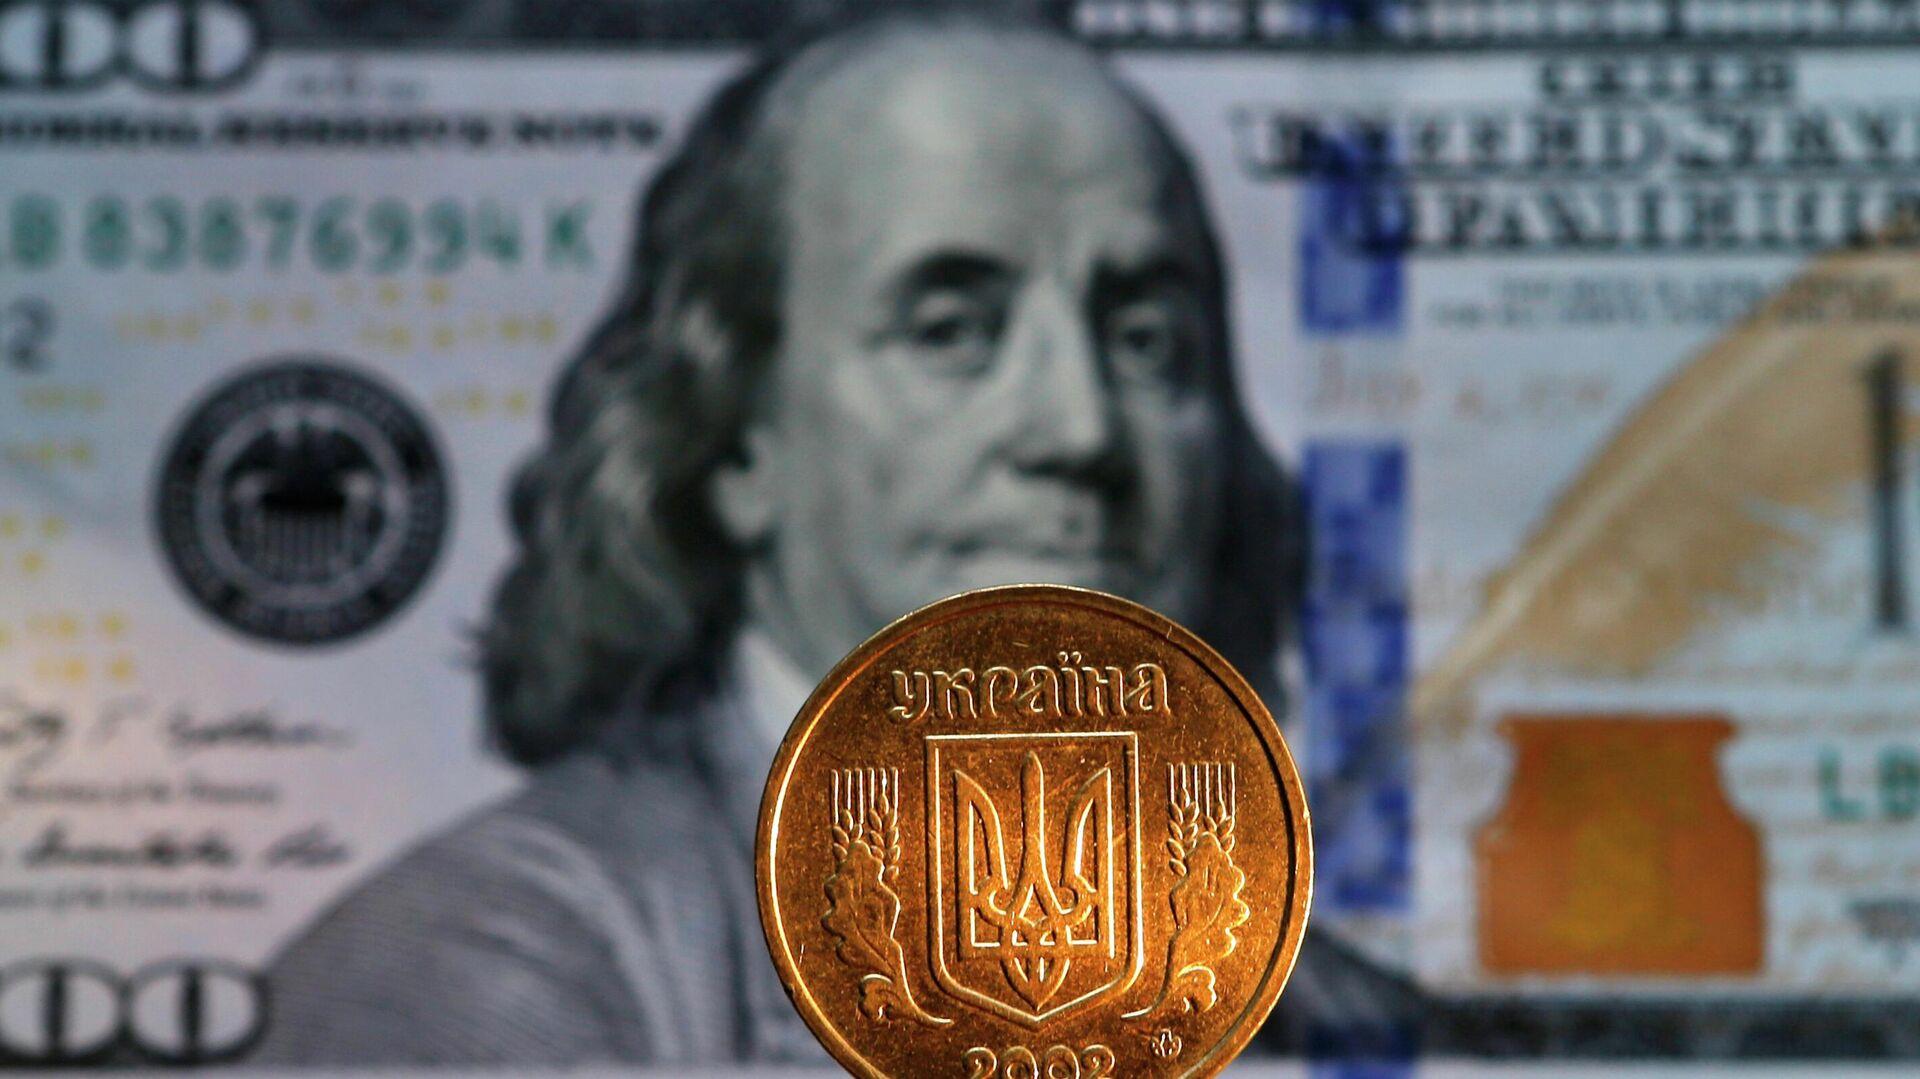 Денежная купюра долларов США и монета гривны Украины - РИА Новости, 1920, 28.07.2021